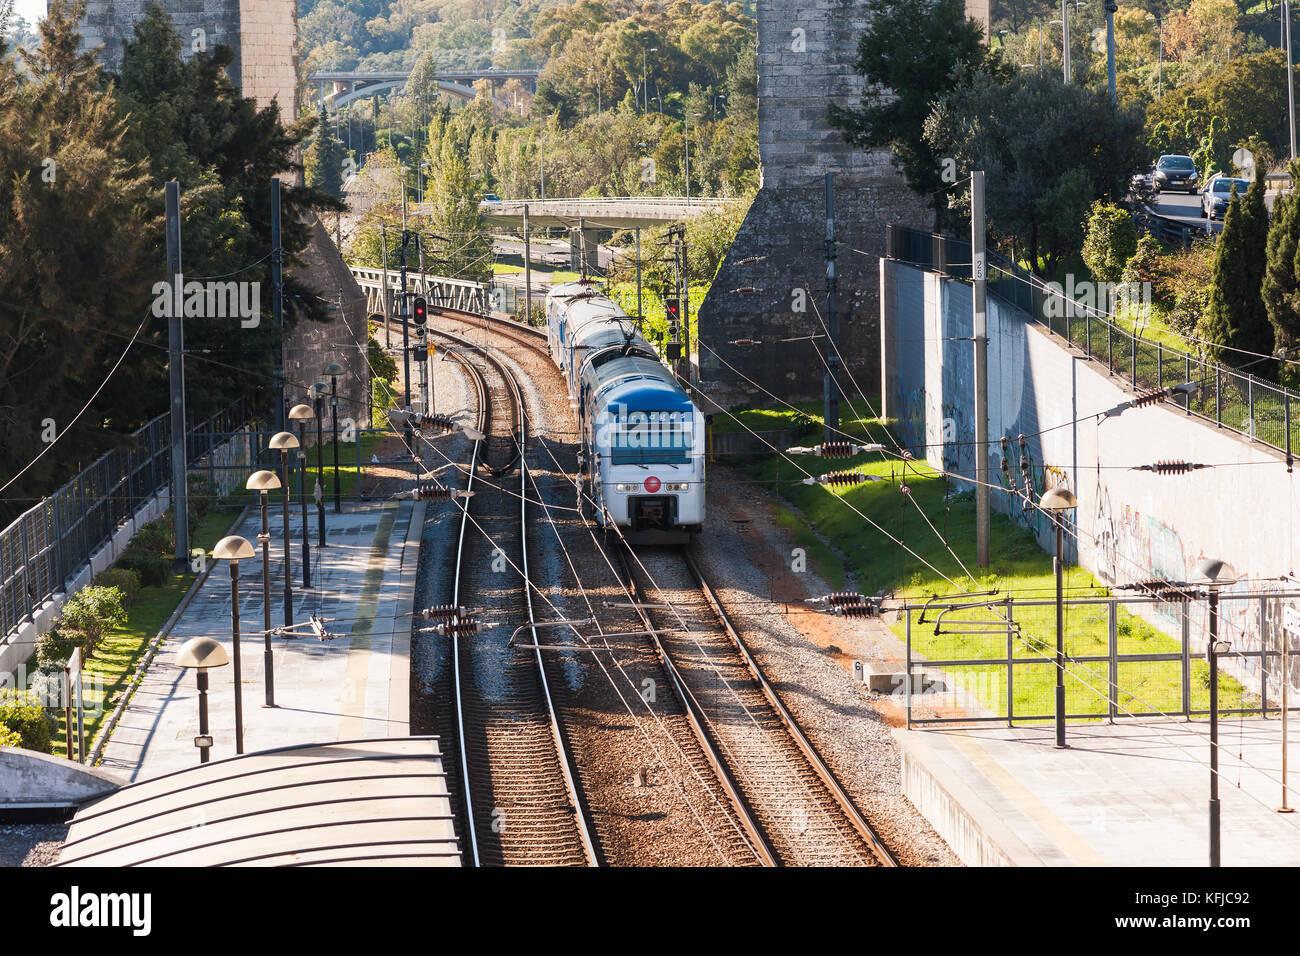 Il treno passa sotto l acquedotto di acque libere - Lisbona Immagini Stock